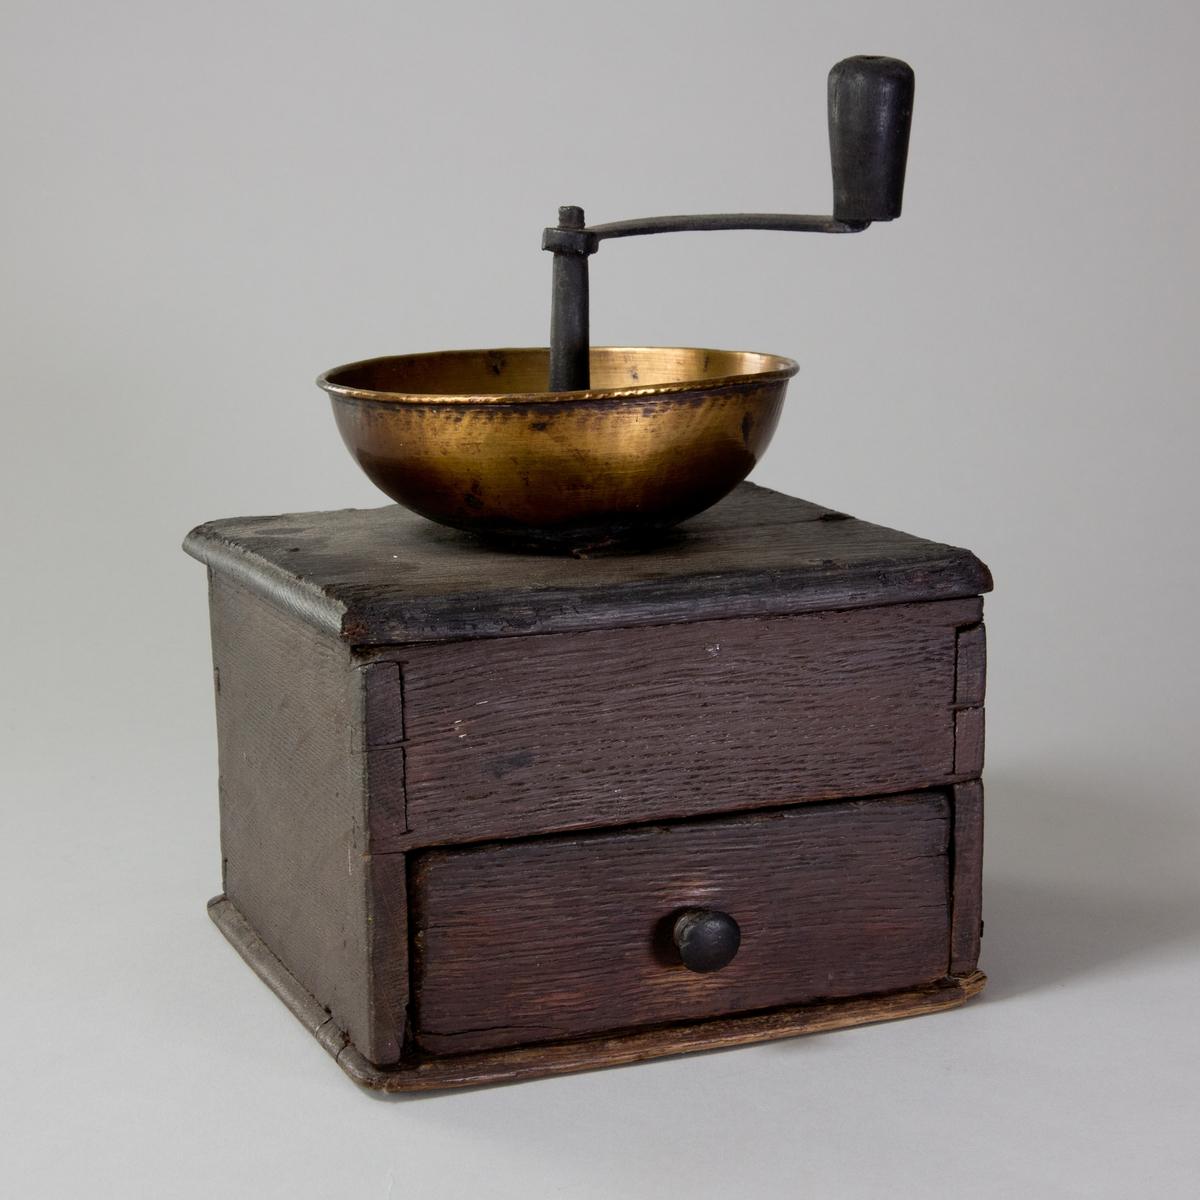 Kaffekvarn av ek, kvadratisk med låda. Ovanpå lådan skål av mässing med hål och horisontell vev av järn och trä.